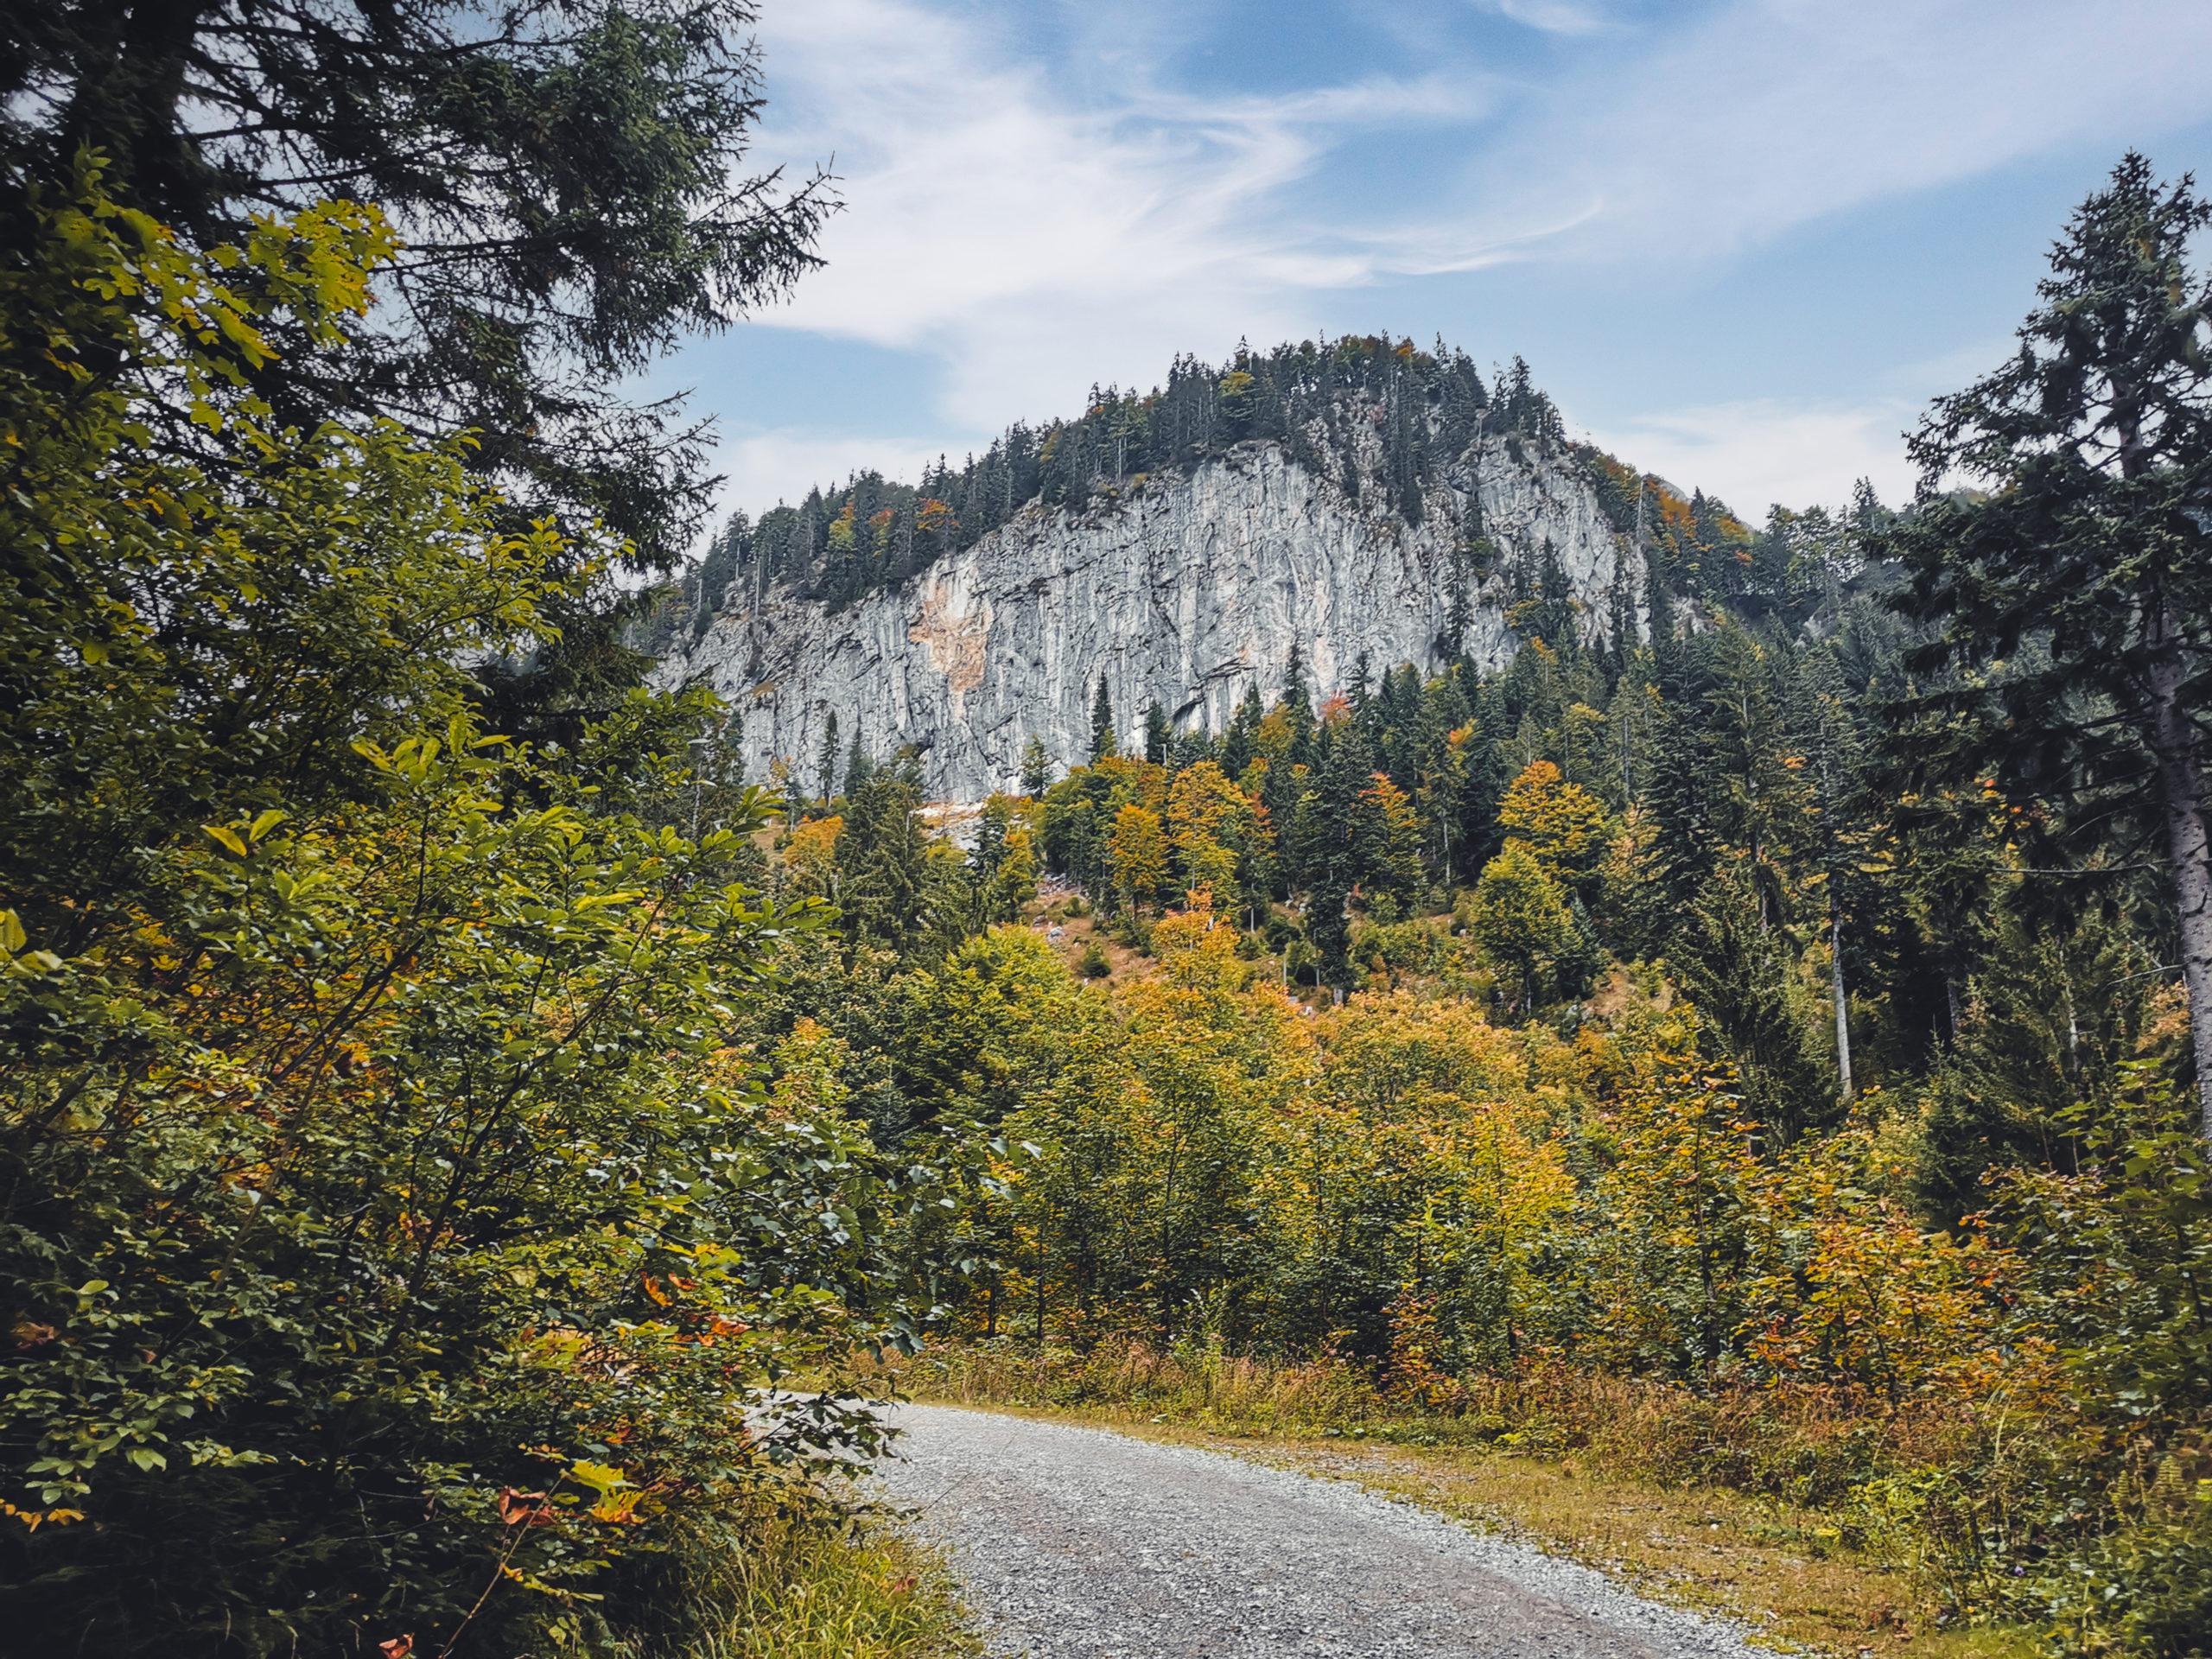 Herbst am Schleier Wasserfall bei Going